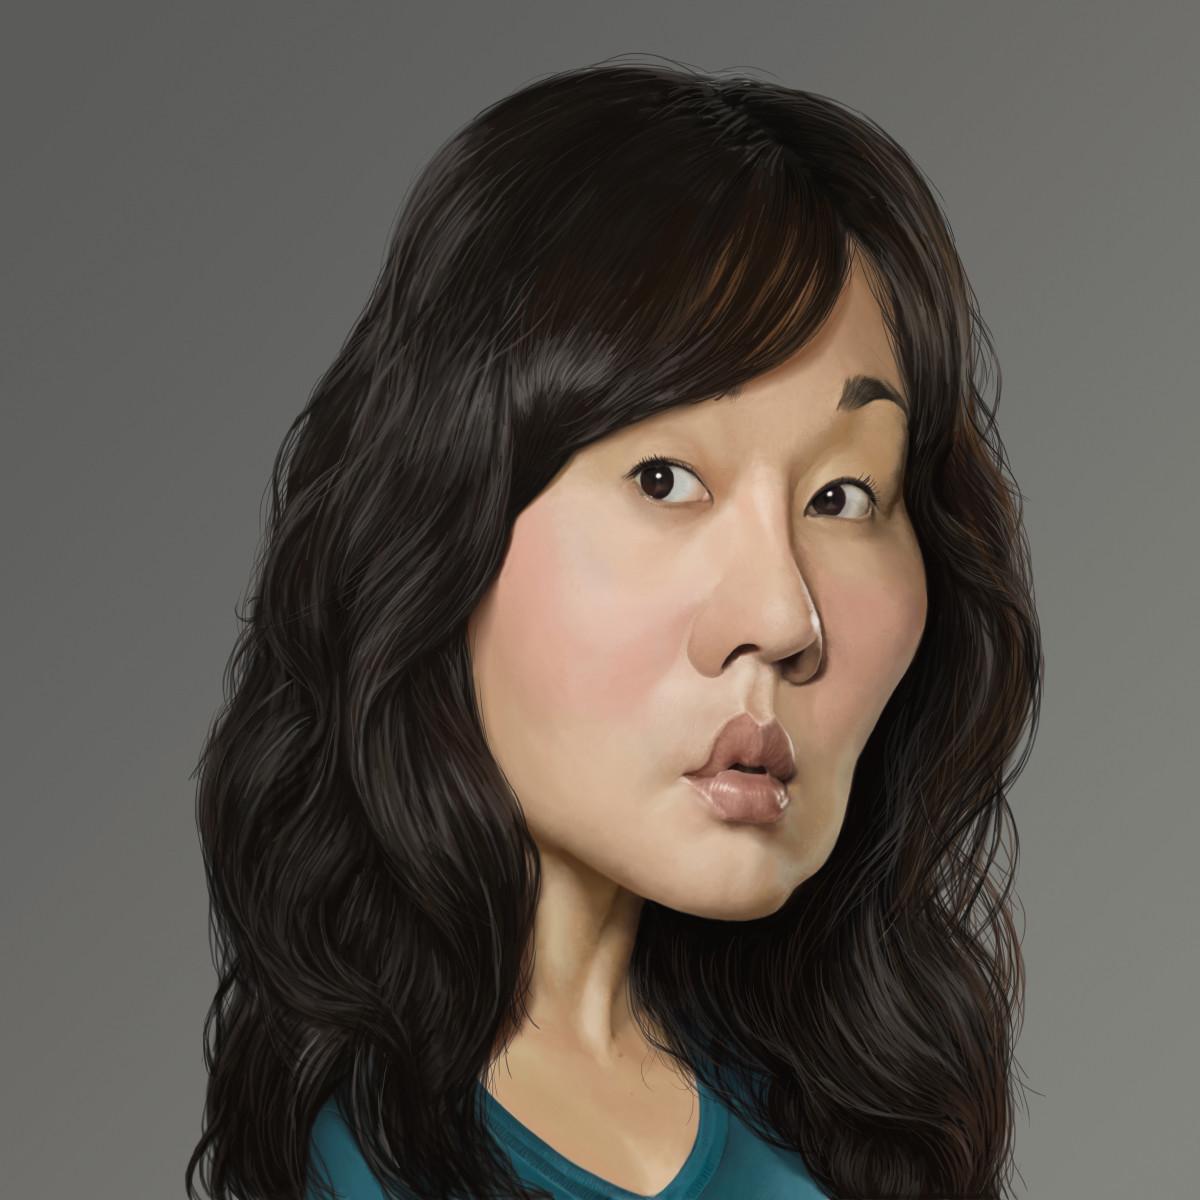 yunjin kim age